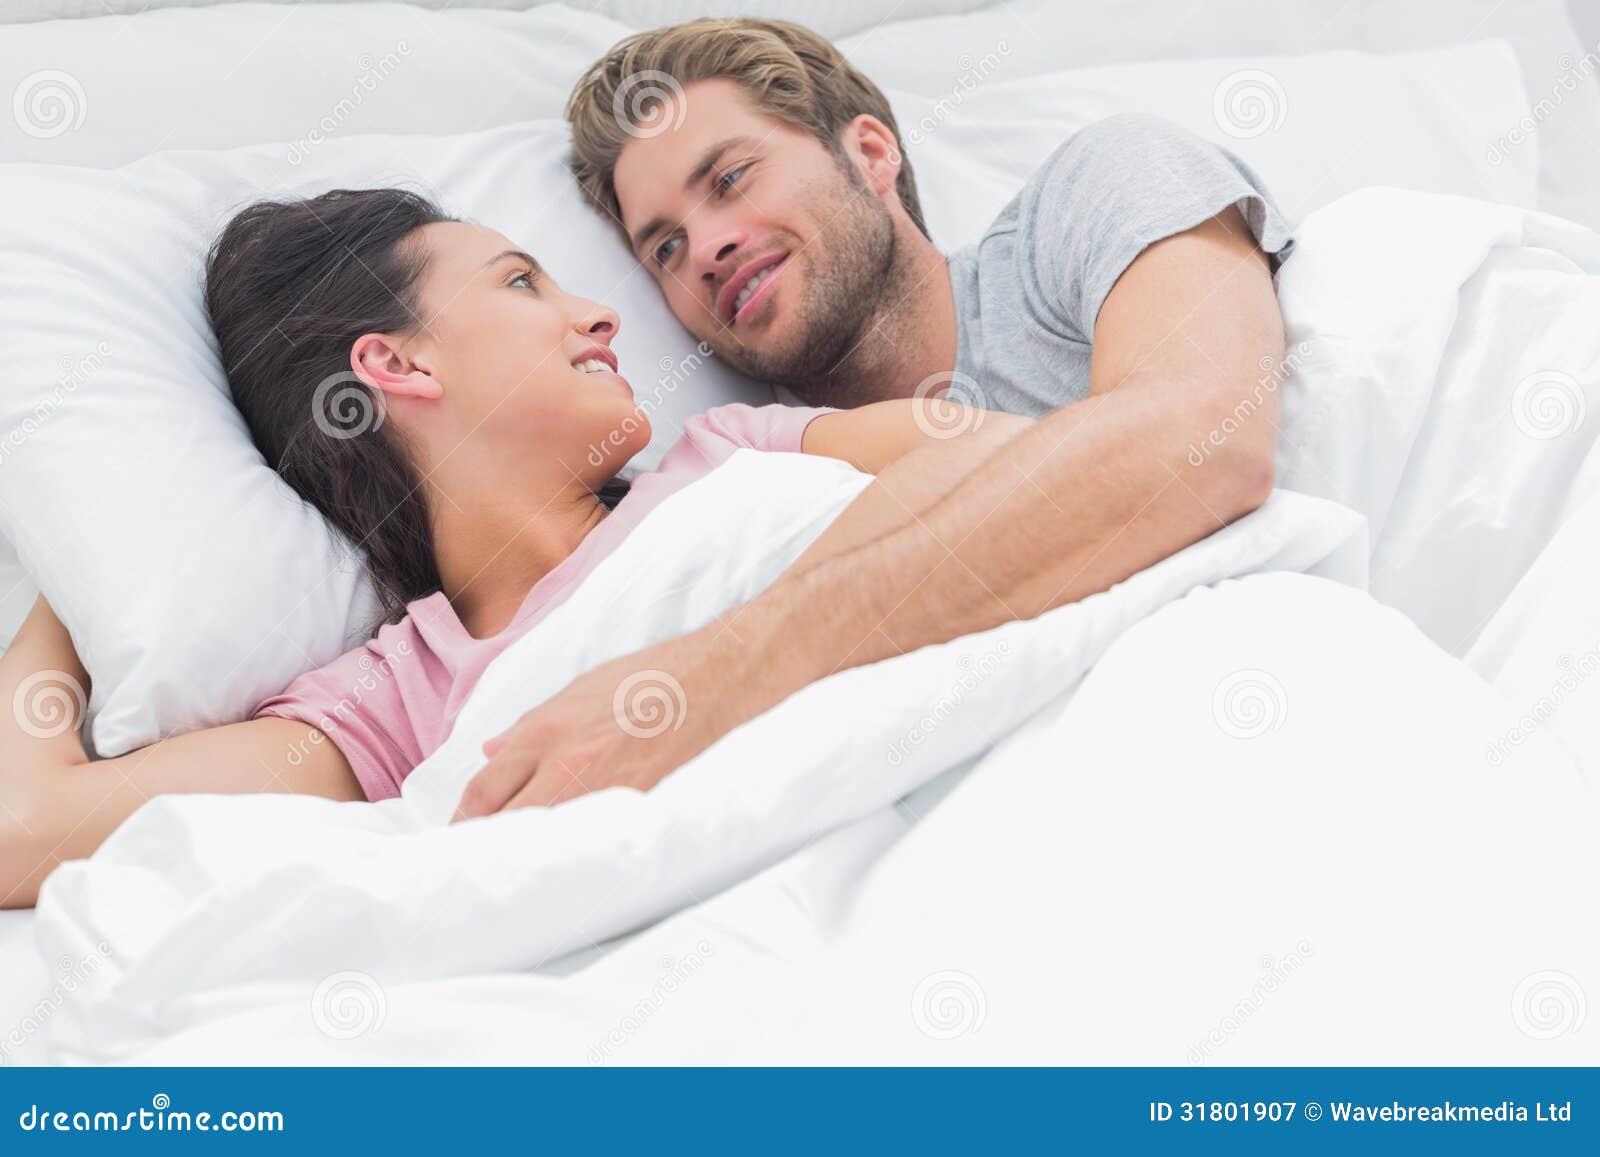 Чат для секс разговоров 12 фотография